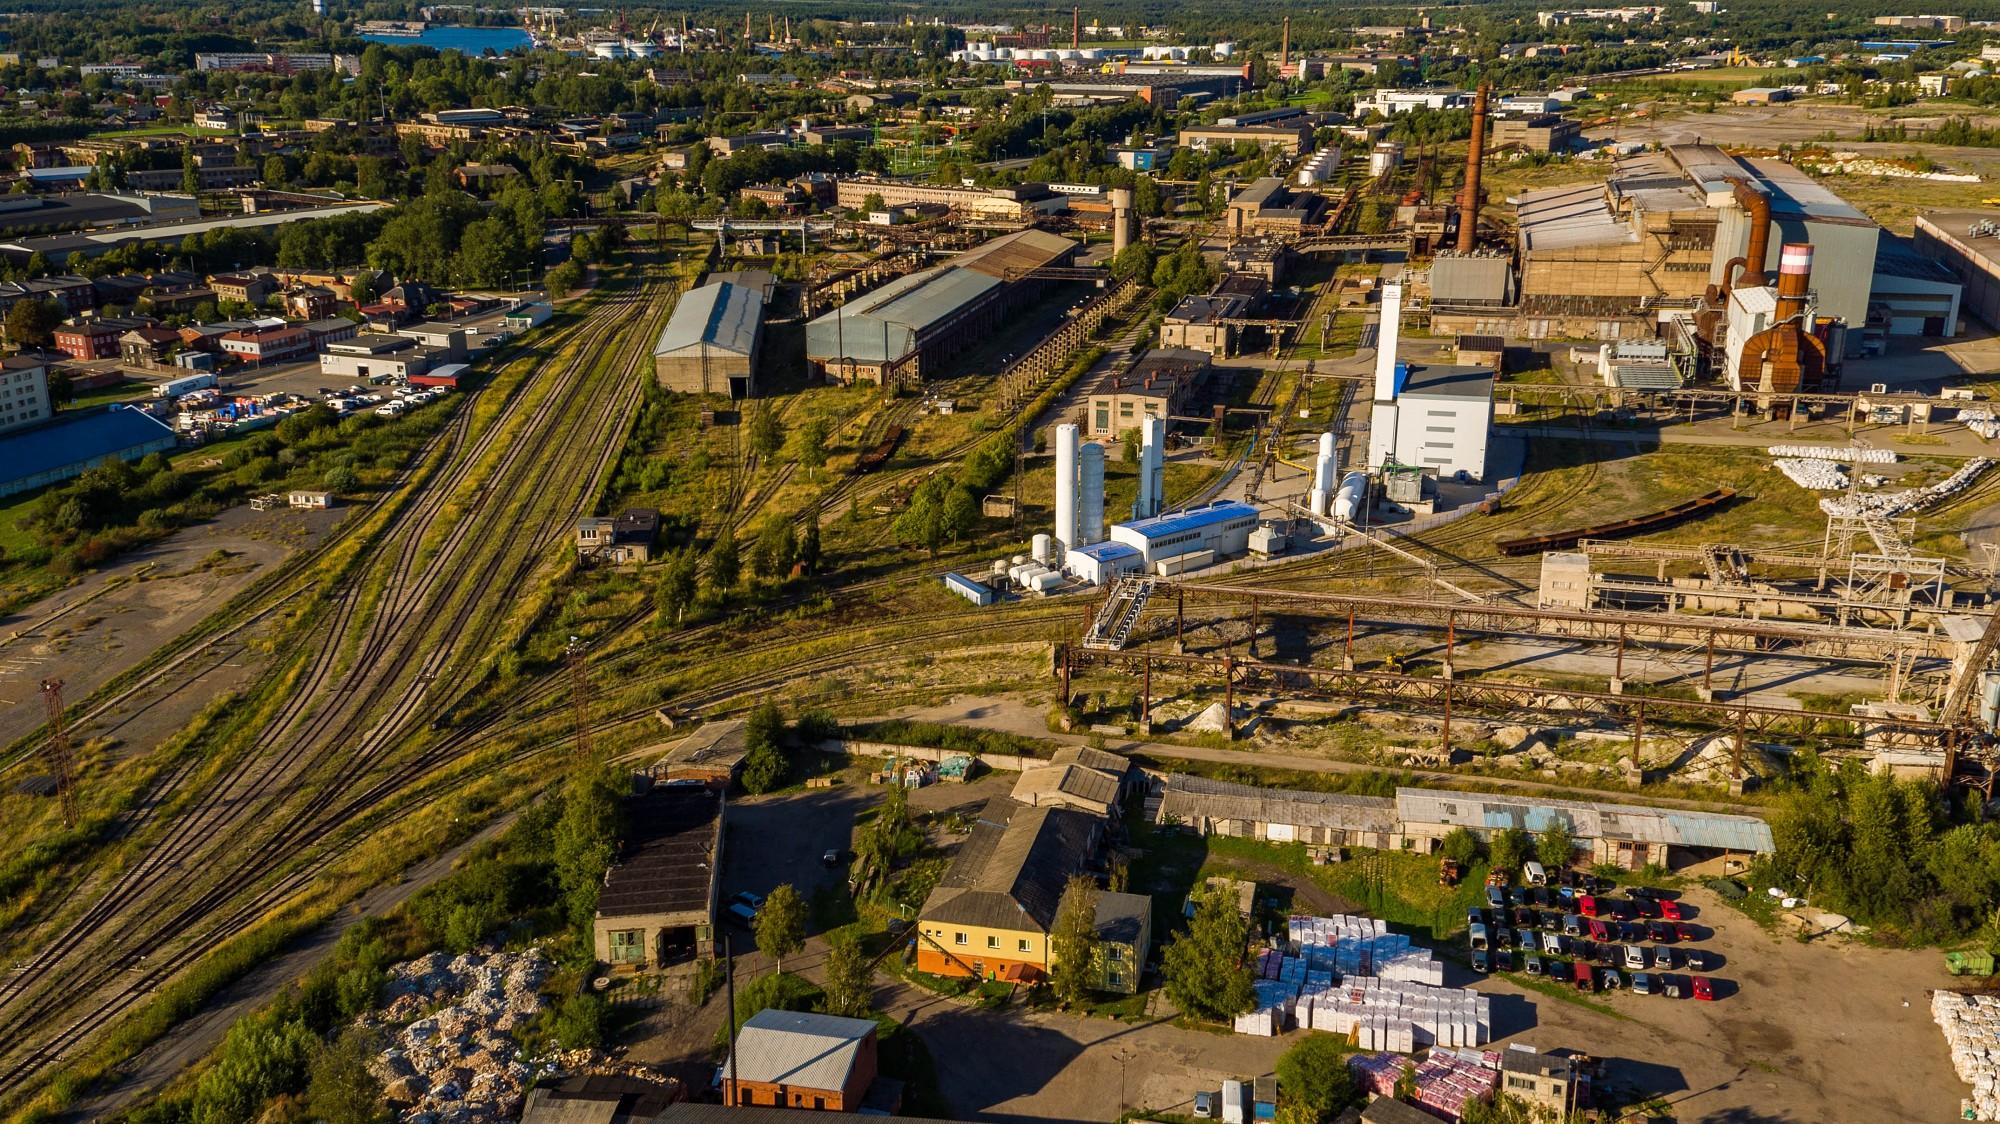 """Noslēgti pirmie līgumi par """"Metalurga"""" teritorijas izmantošanu ostas vajadzībām"""